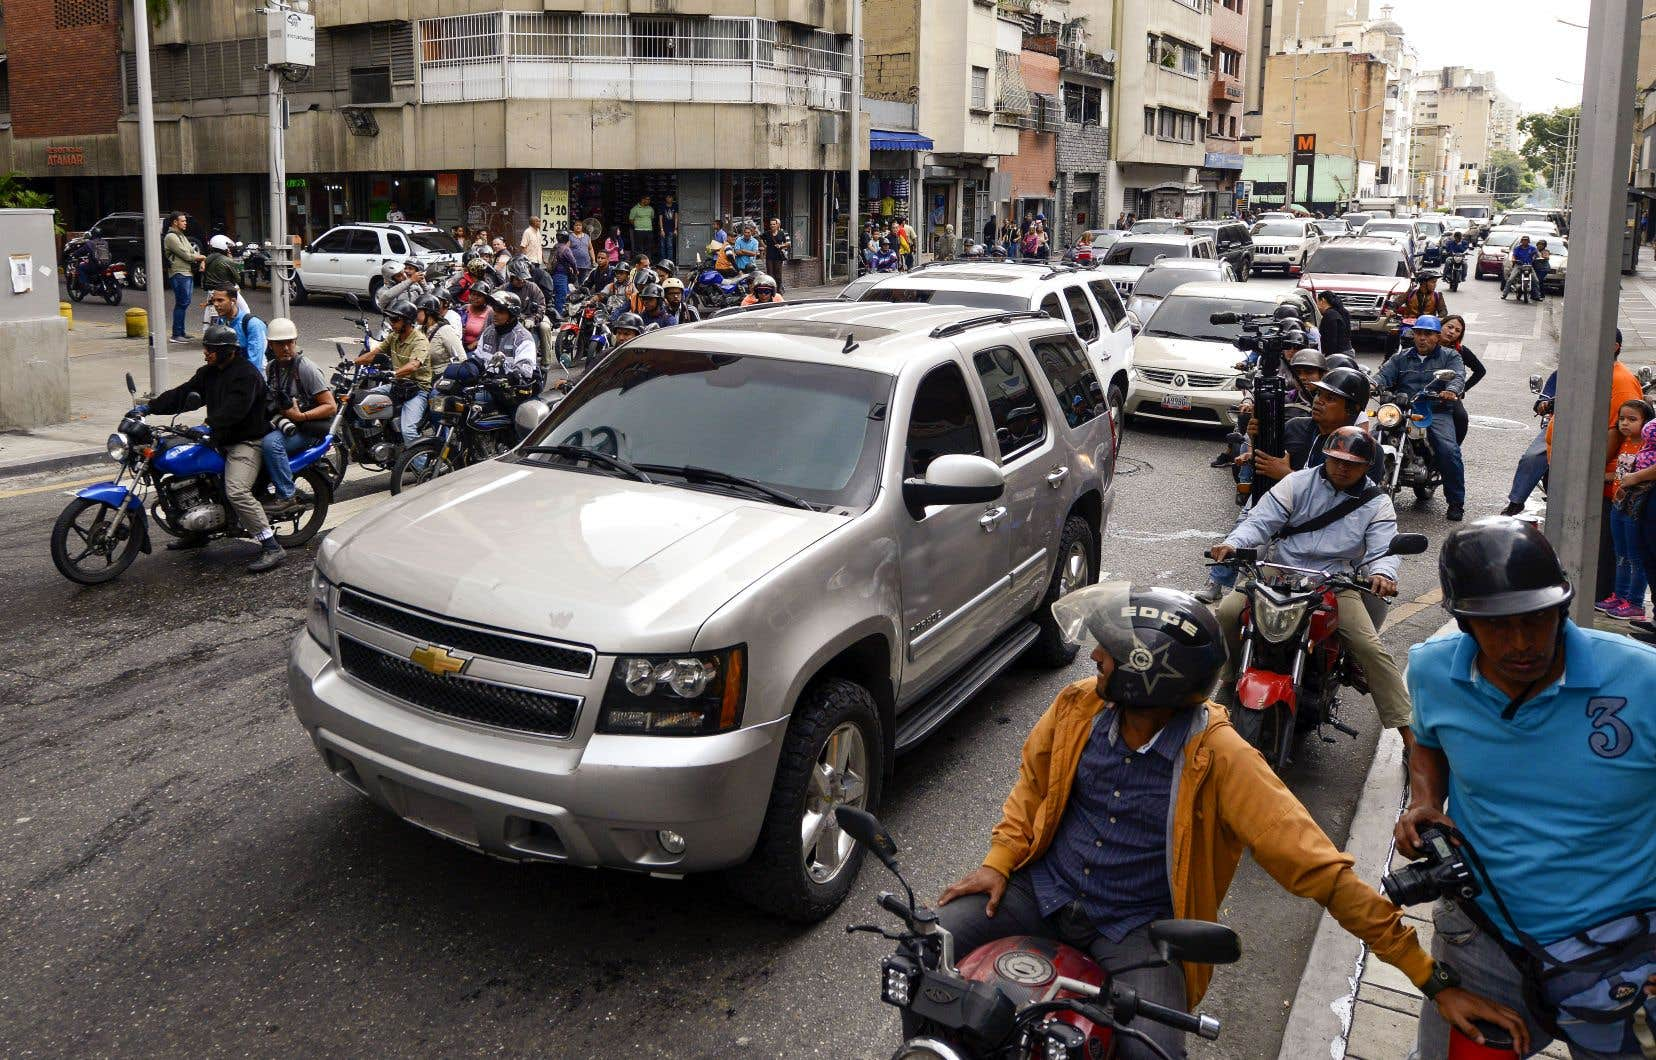 Des députés d'opposition soutiennent que leur véhicule a été atteint par des pierres et des coups de feu, tirés par des partisans de Nicolás Maduro, mercredi, à Caracas.